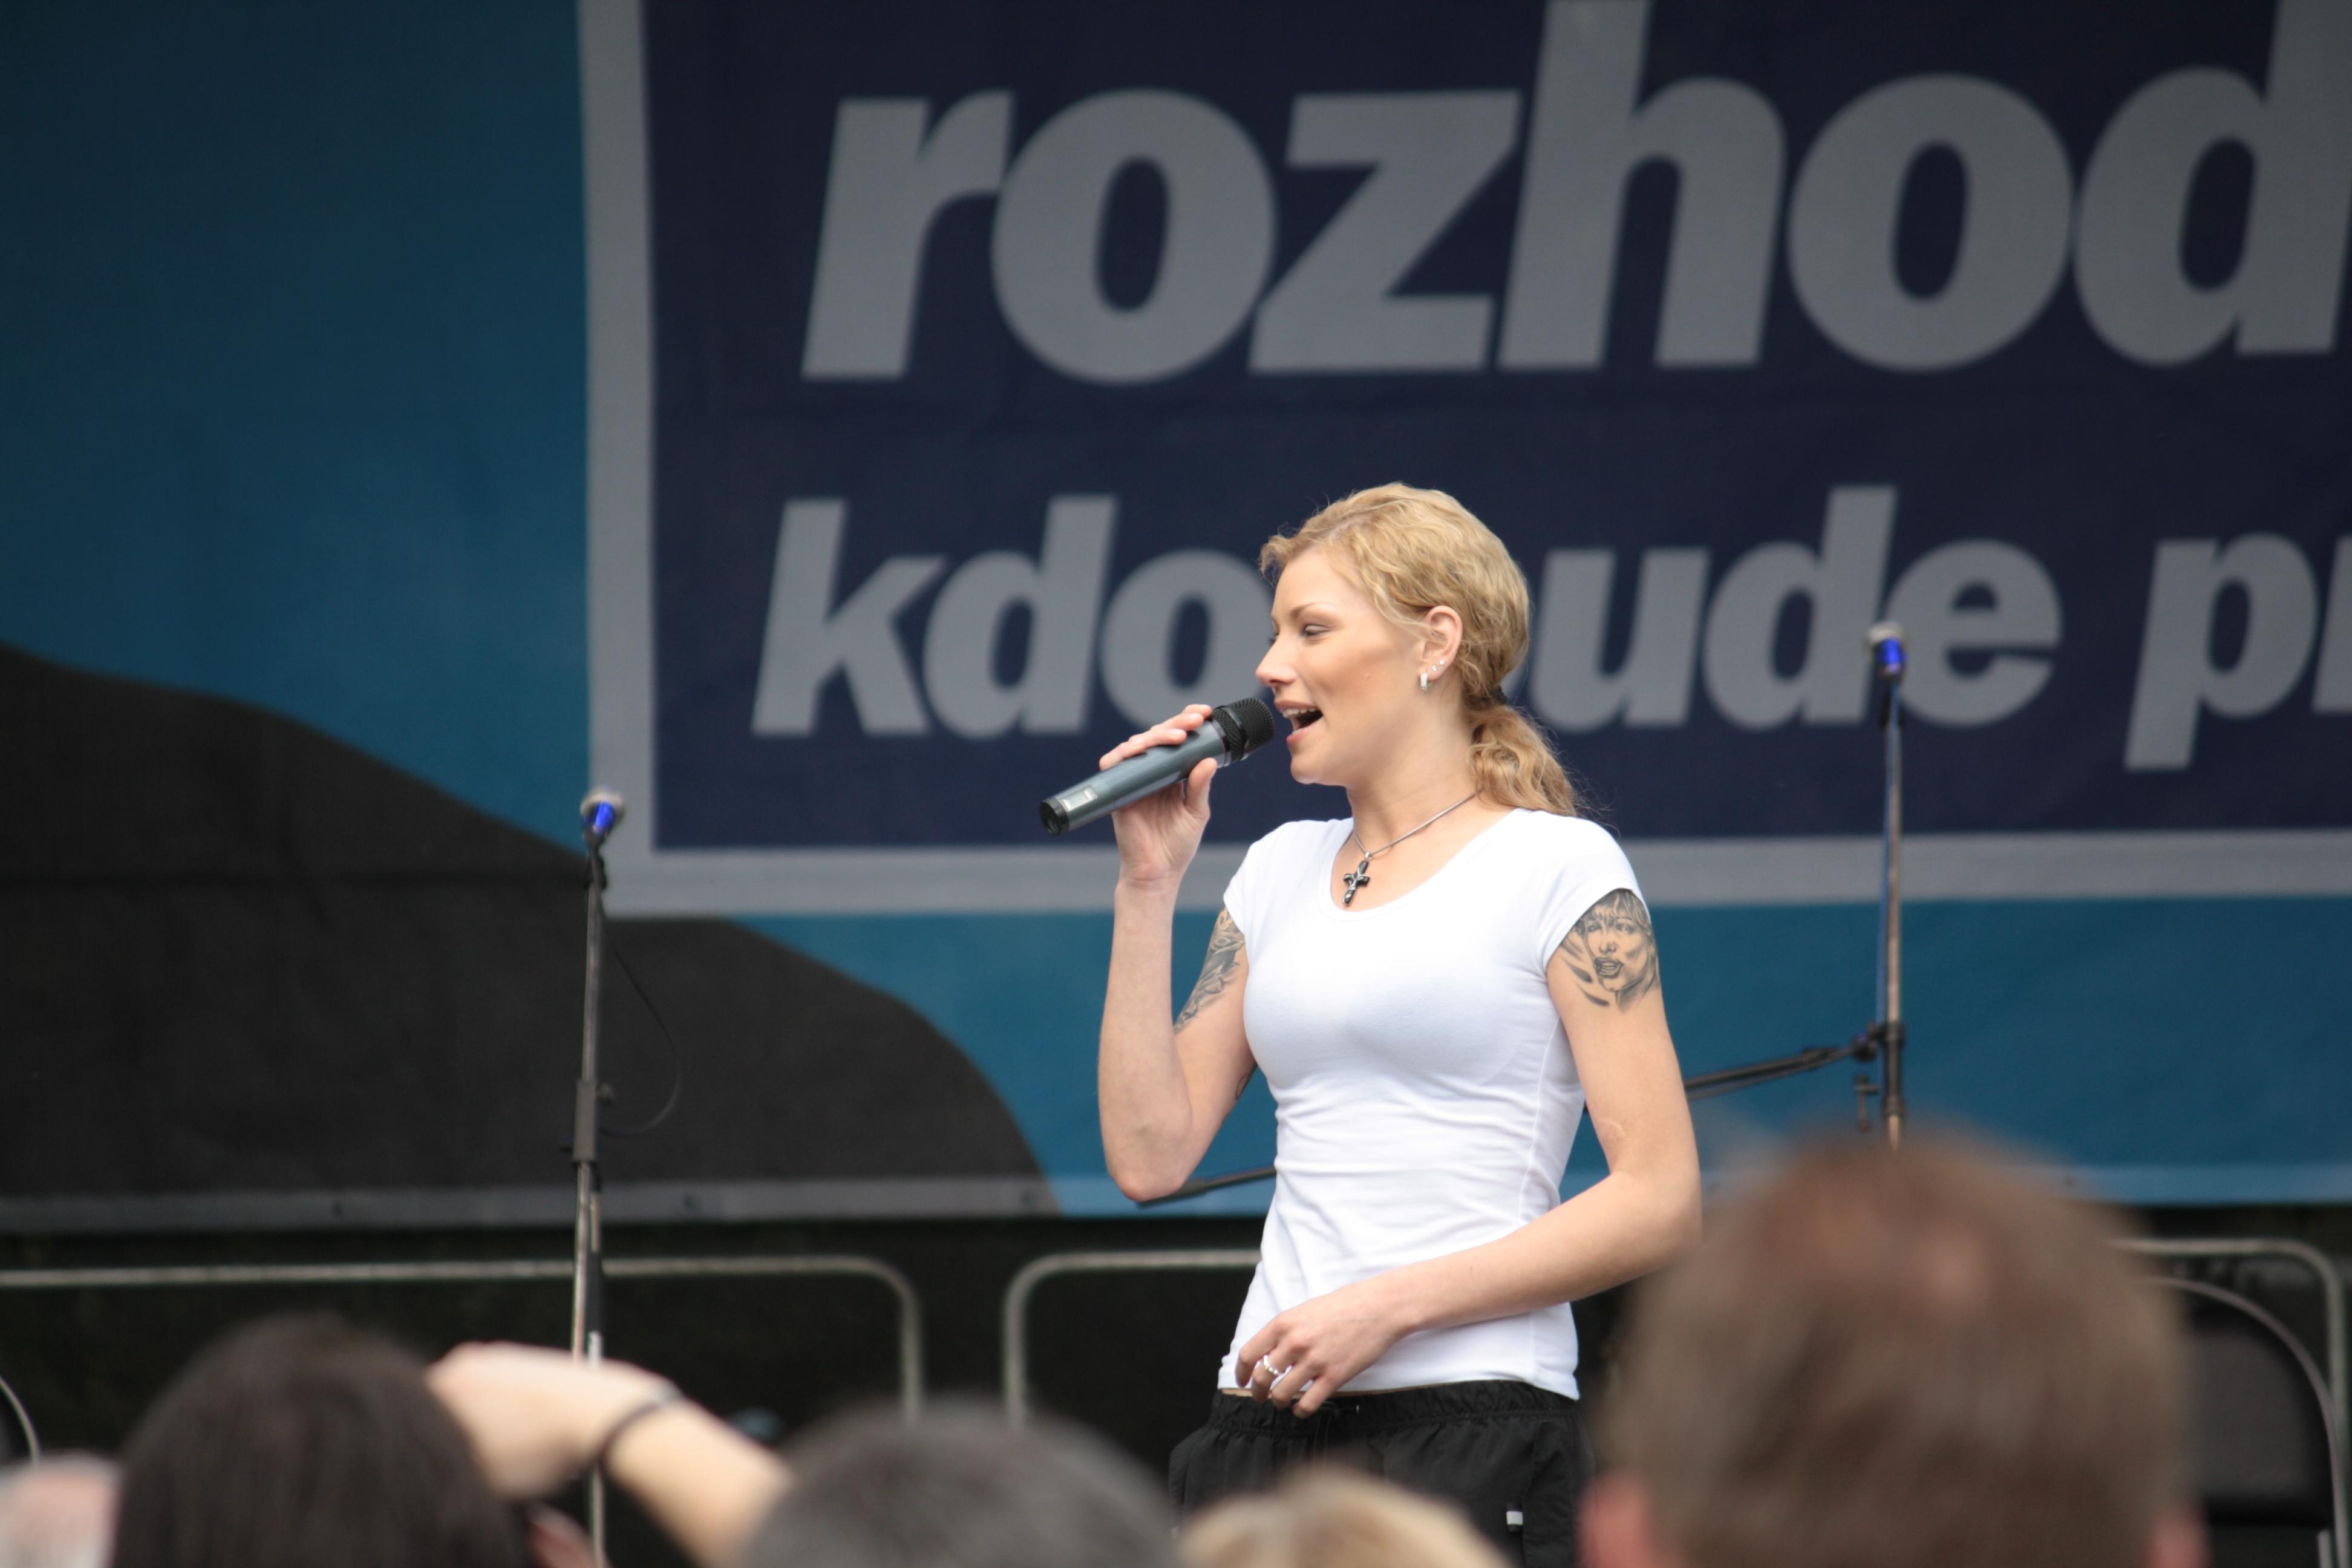 Helena Zetova